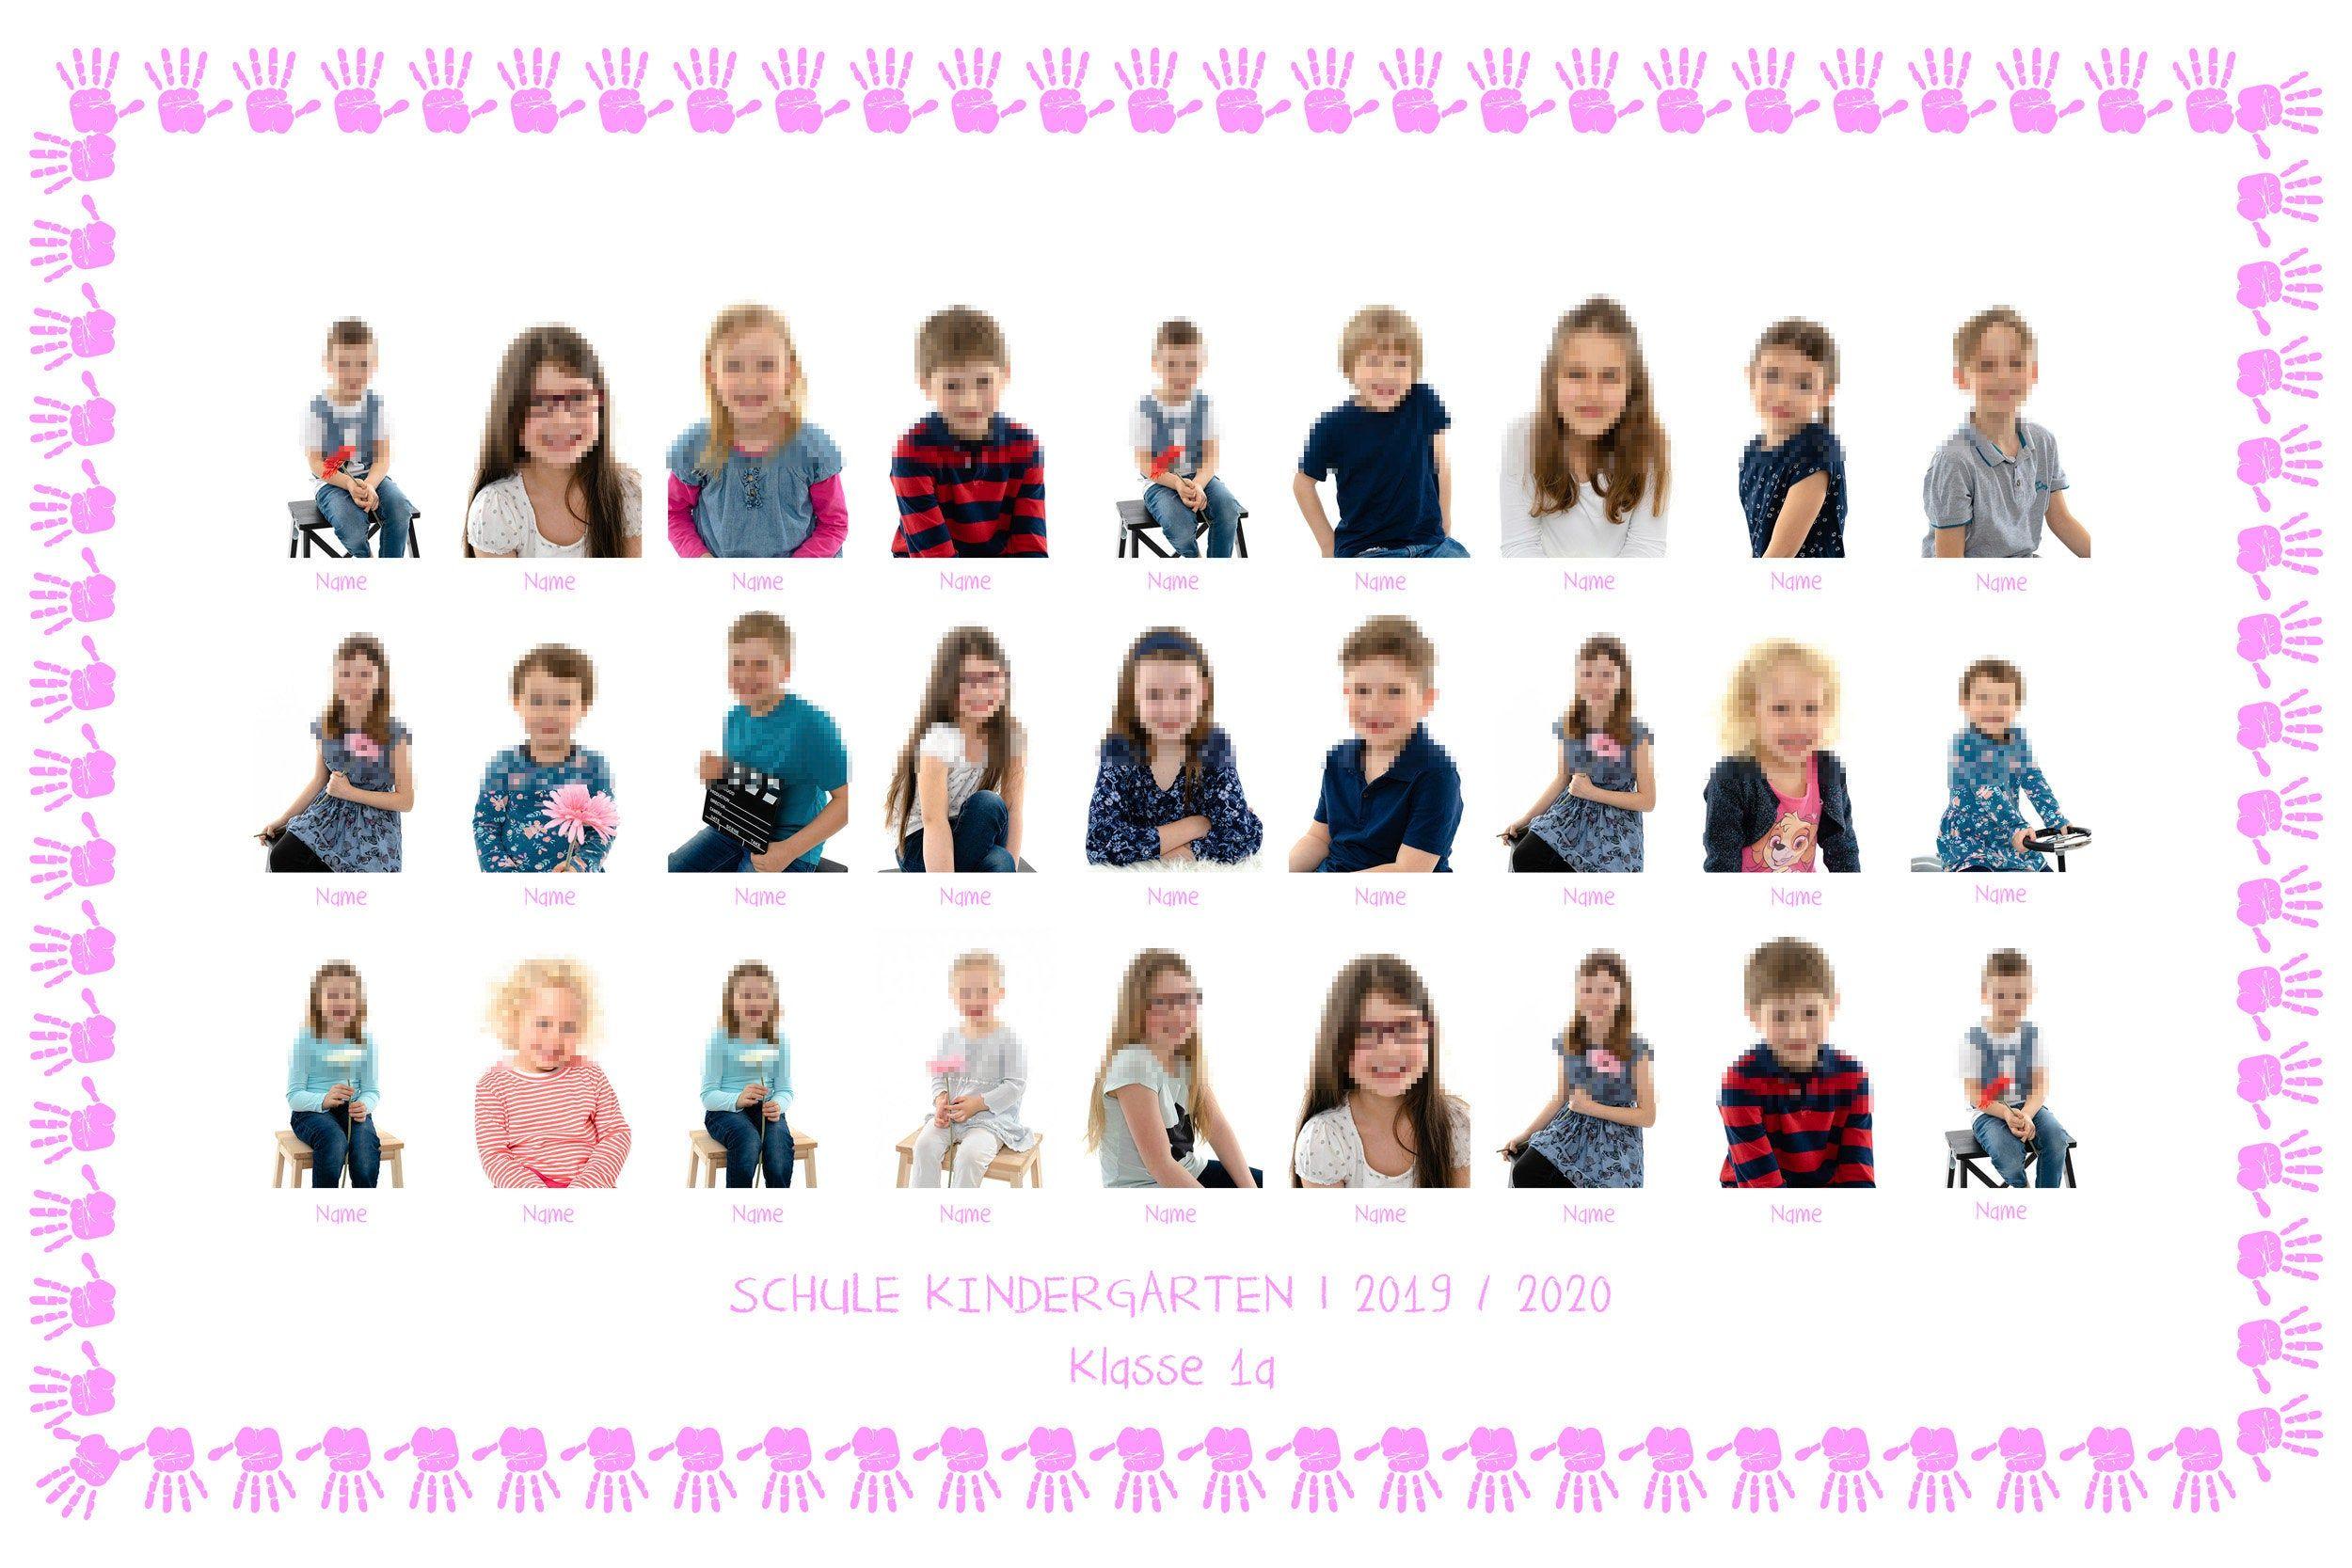 Pin On Kindergarten Schule Gruppenfoto Klassenspiegel